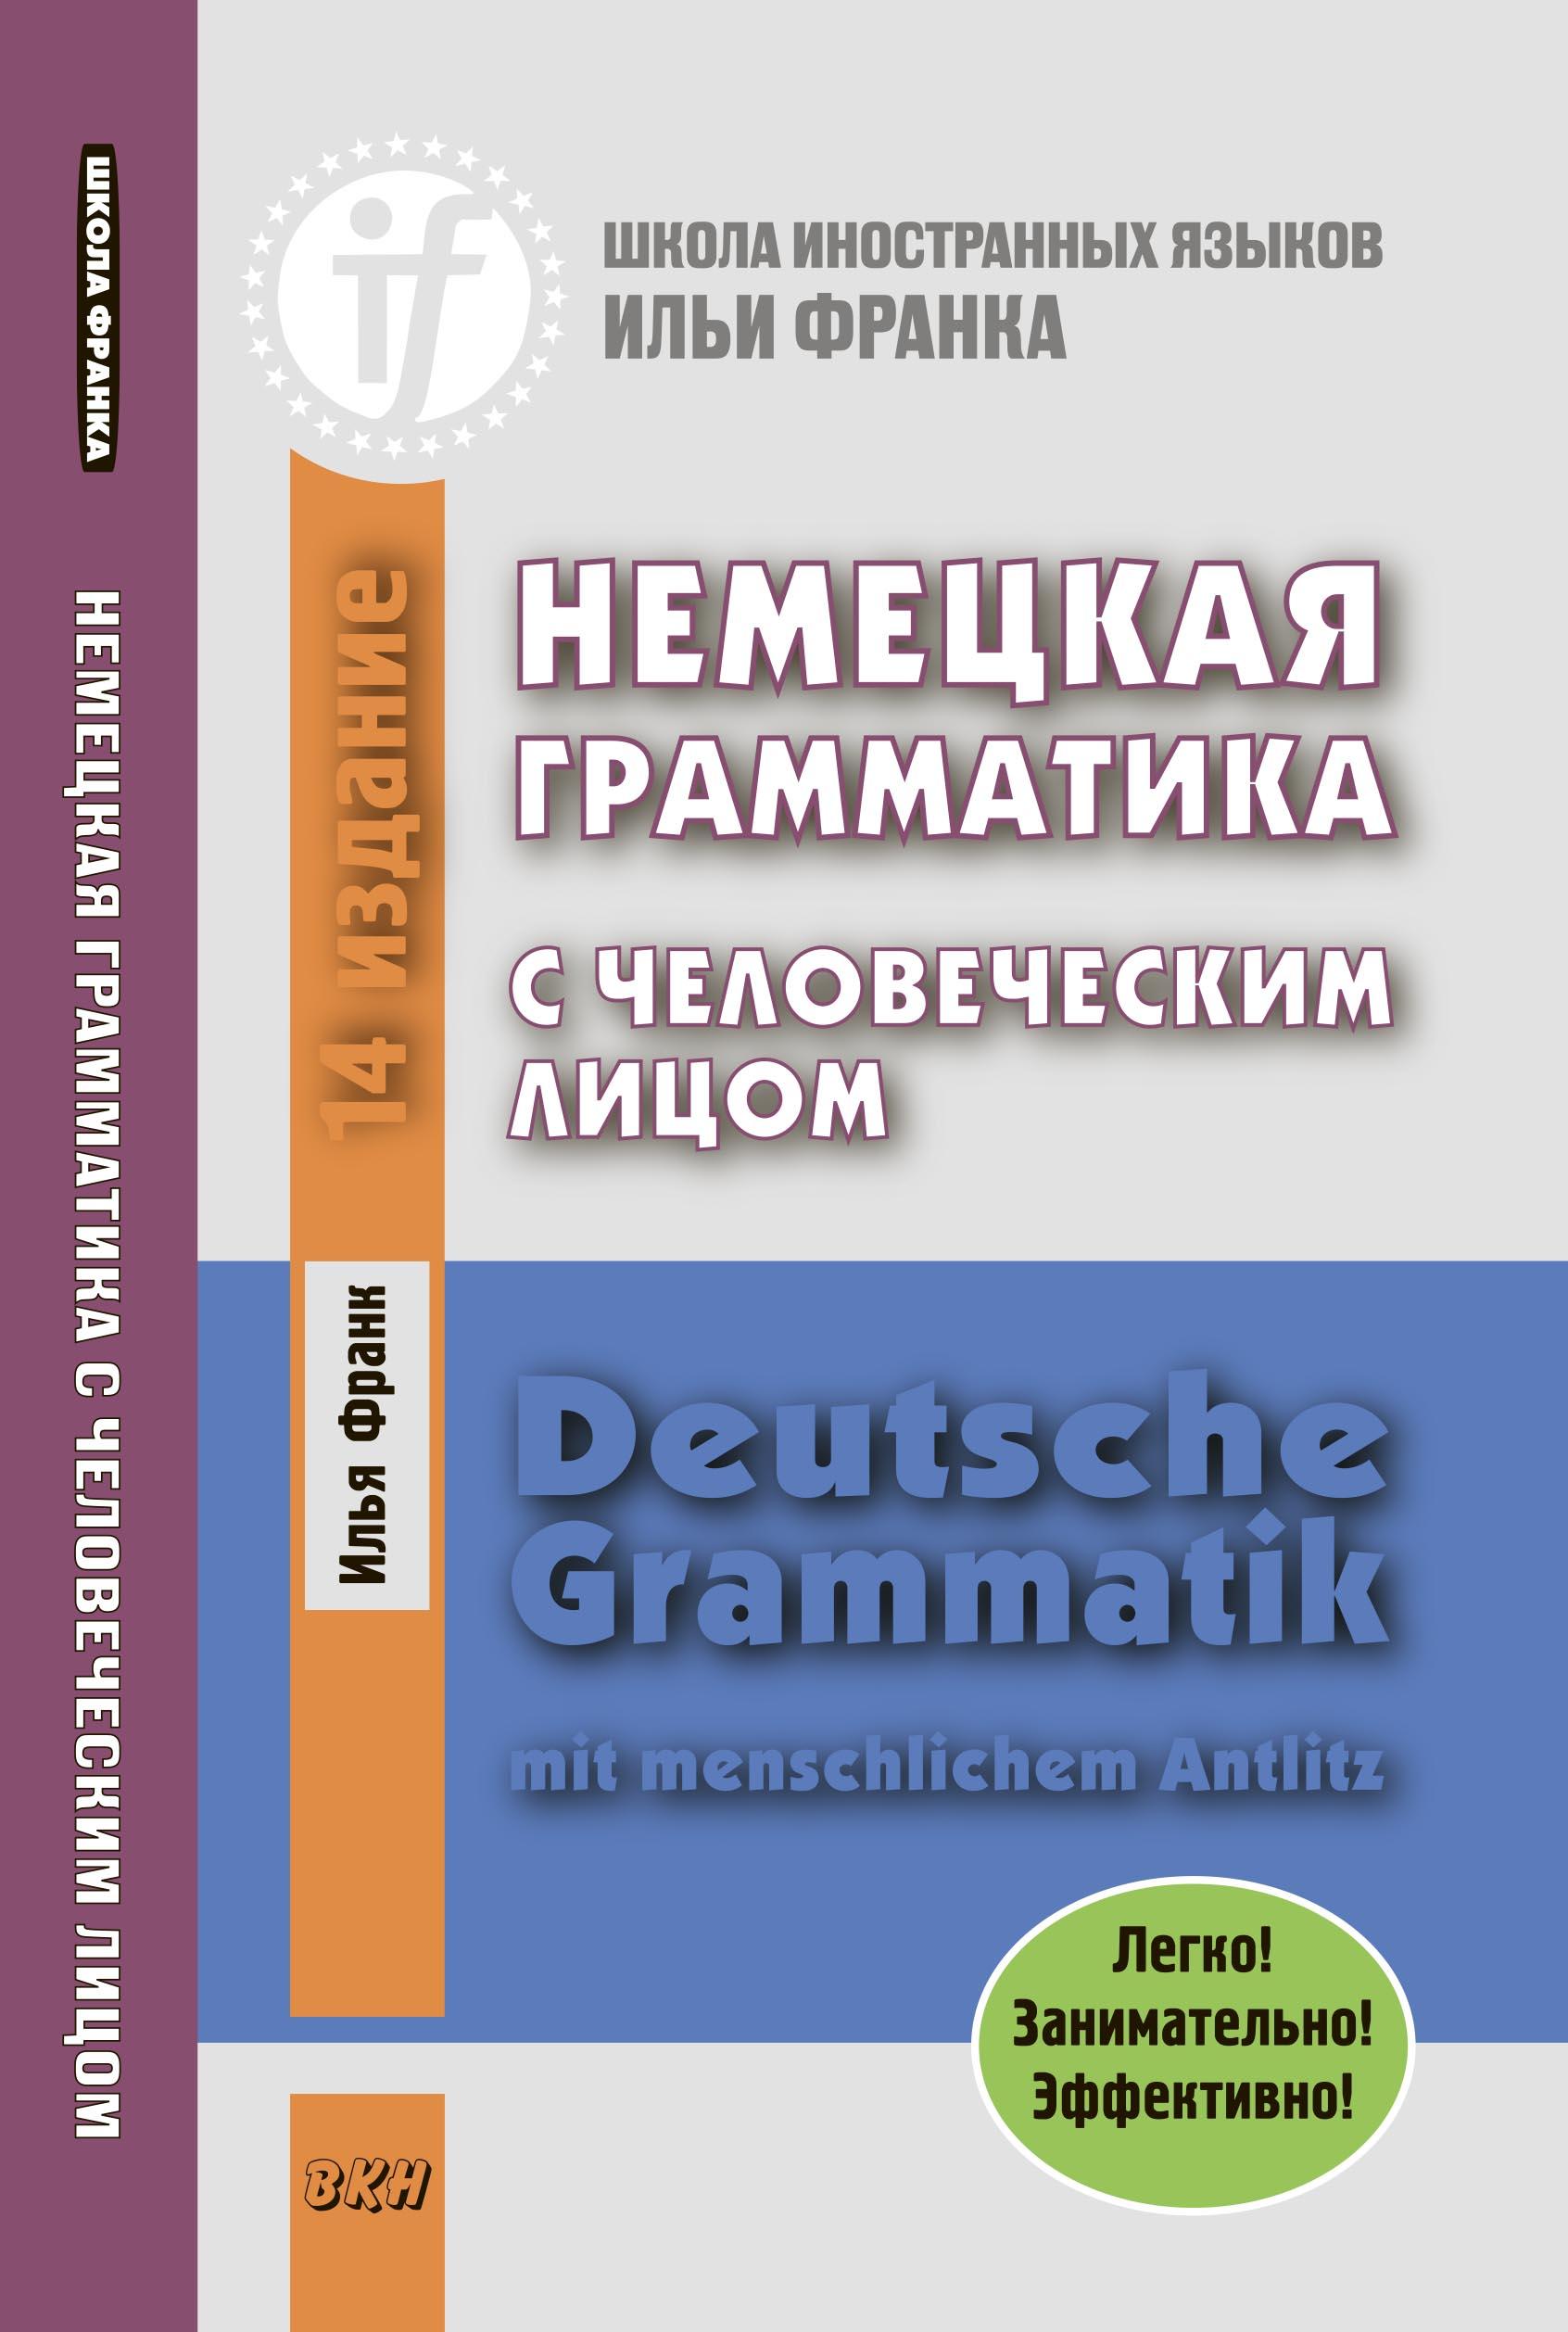 Немецкая грамматика с человеческим лицом / Deutsche Grammatik mit menschlichem Antlitz